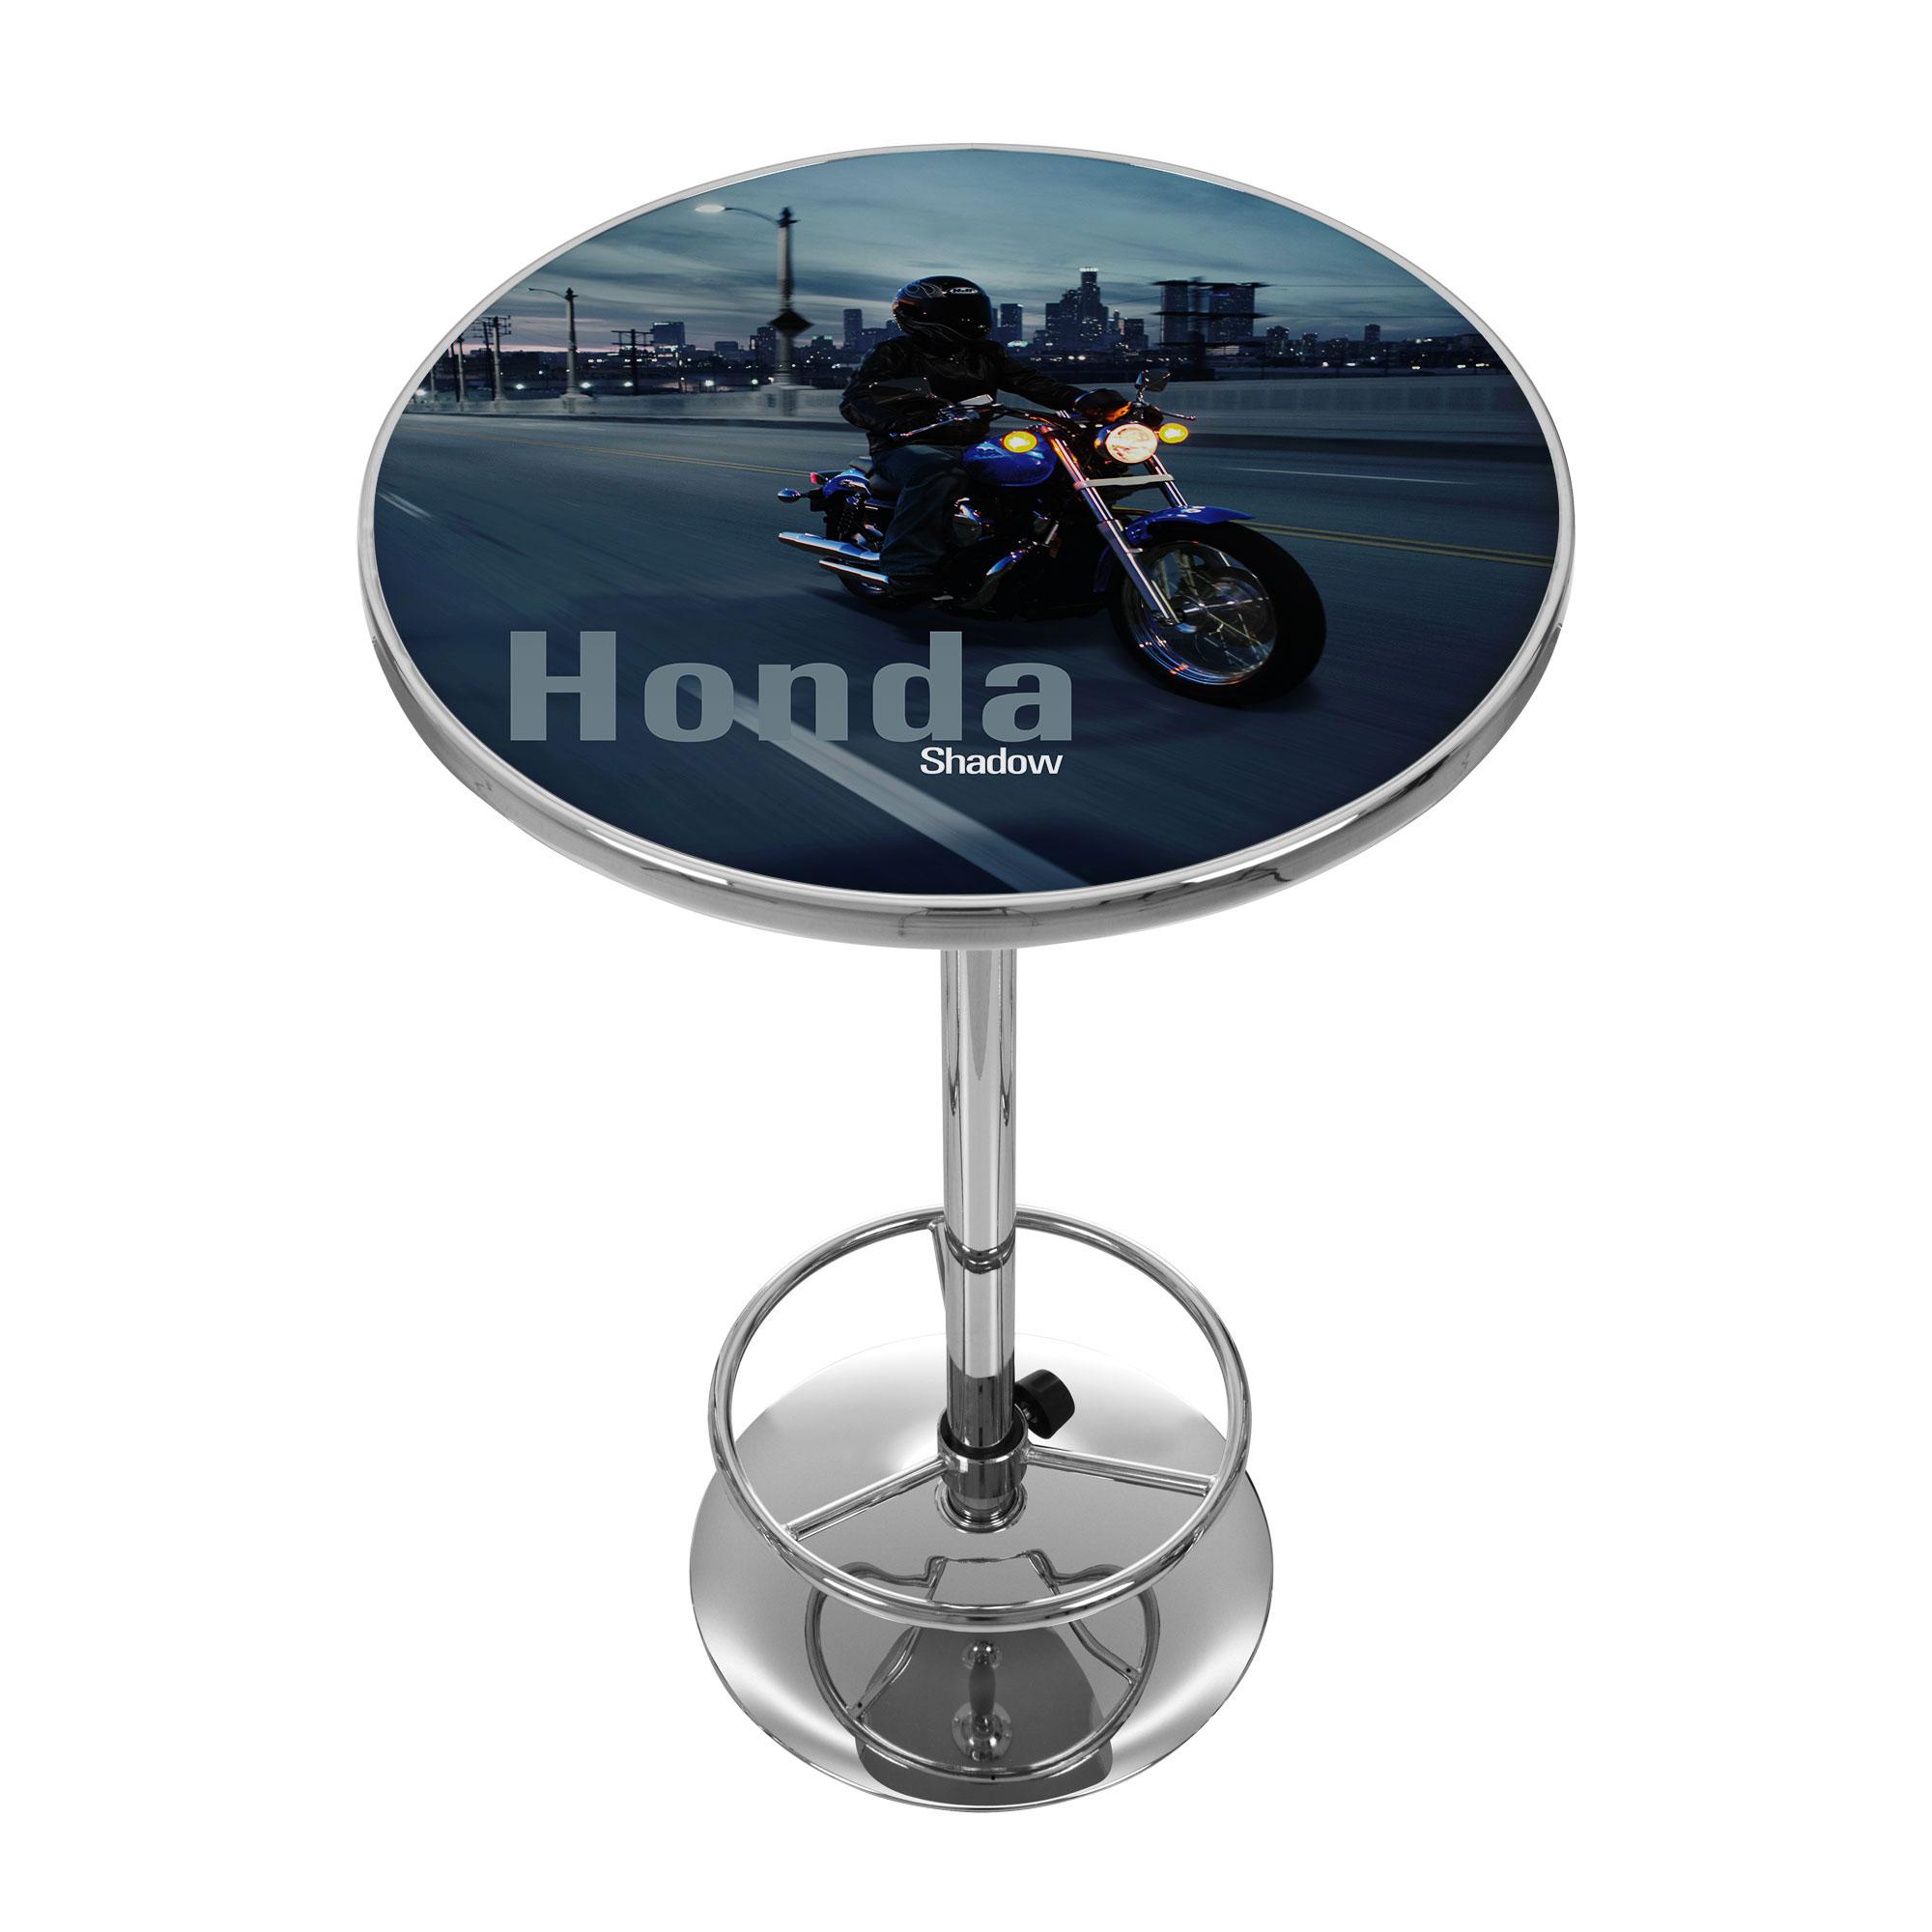 Honda Shadow Chrome Pub Table